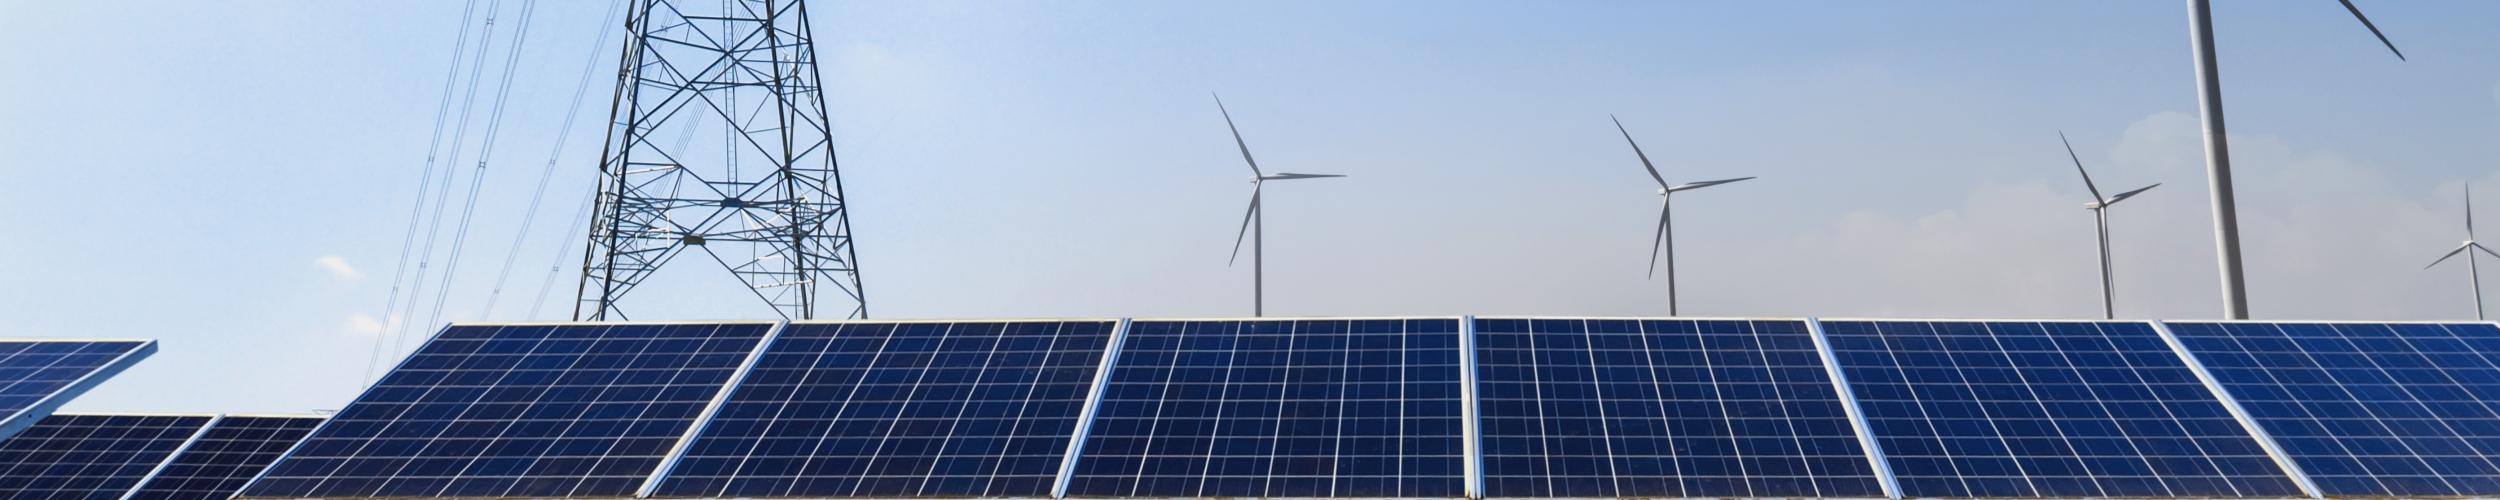 Ik wil meedoen aan de groepsaankoop groene energie